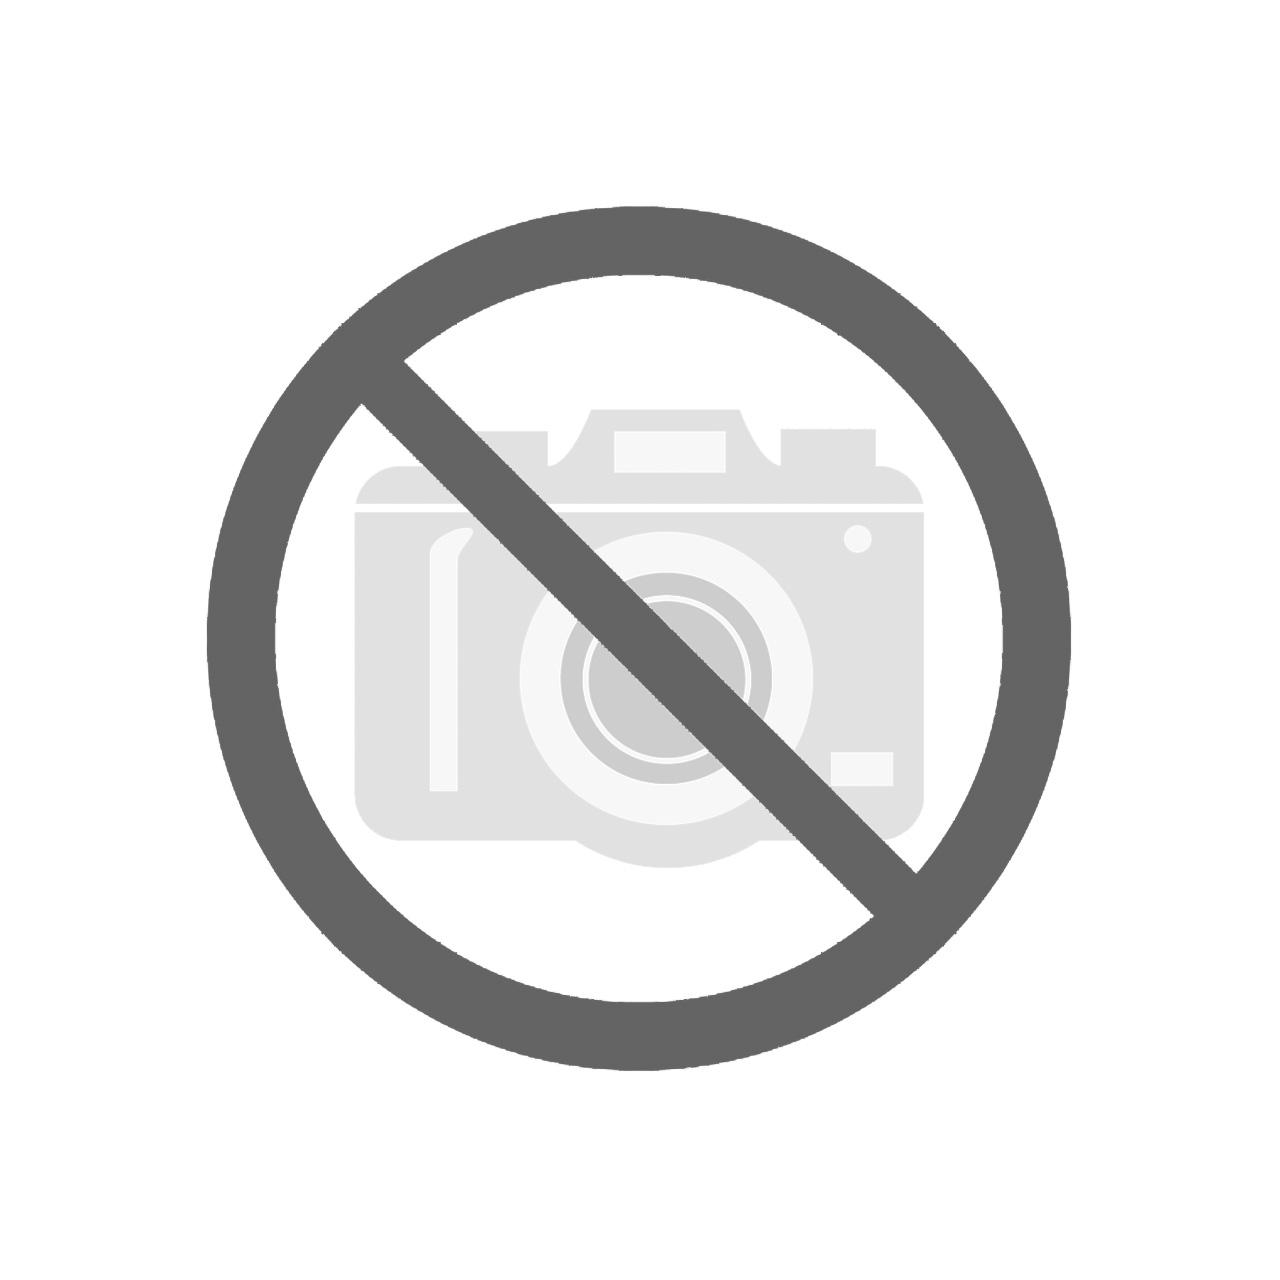 Taśma szlifierska 200 x 50000 mm - G 100 * BERNARDO